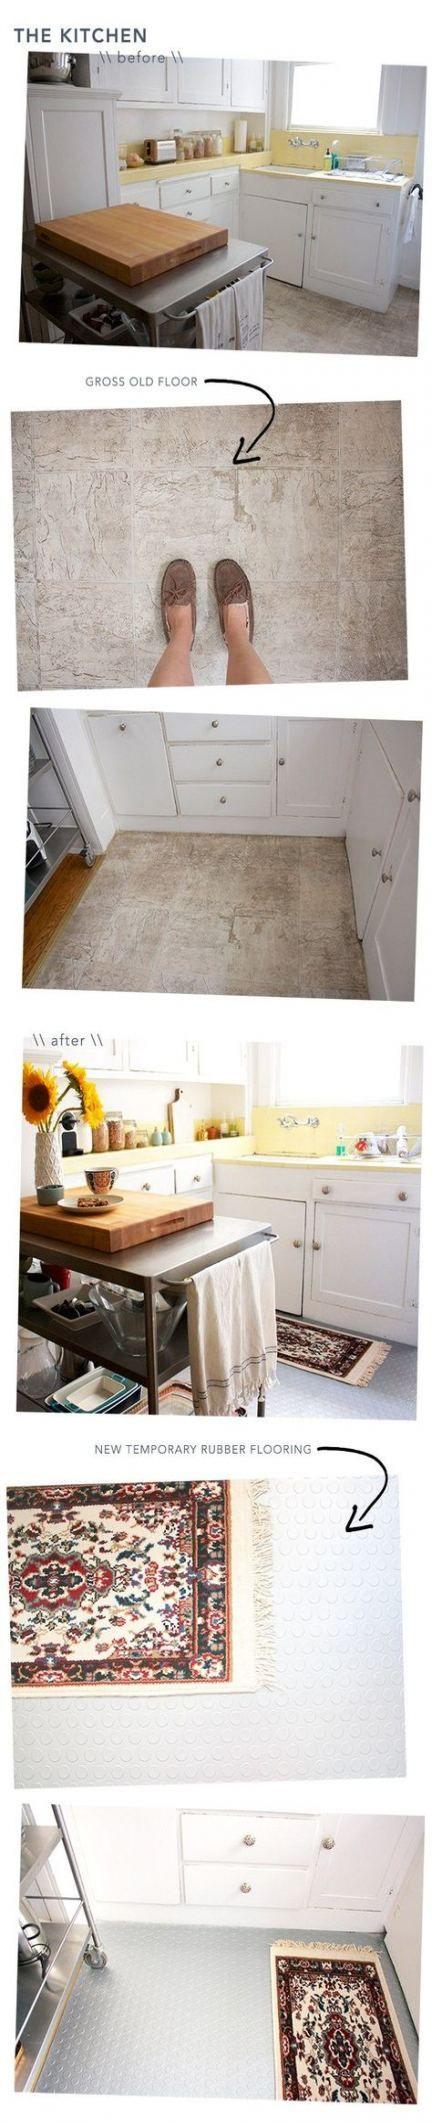 New Kitchen Floor Rubber 9 Ideas   Kitchen flooring, Rubber ...